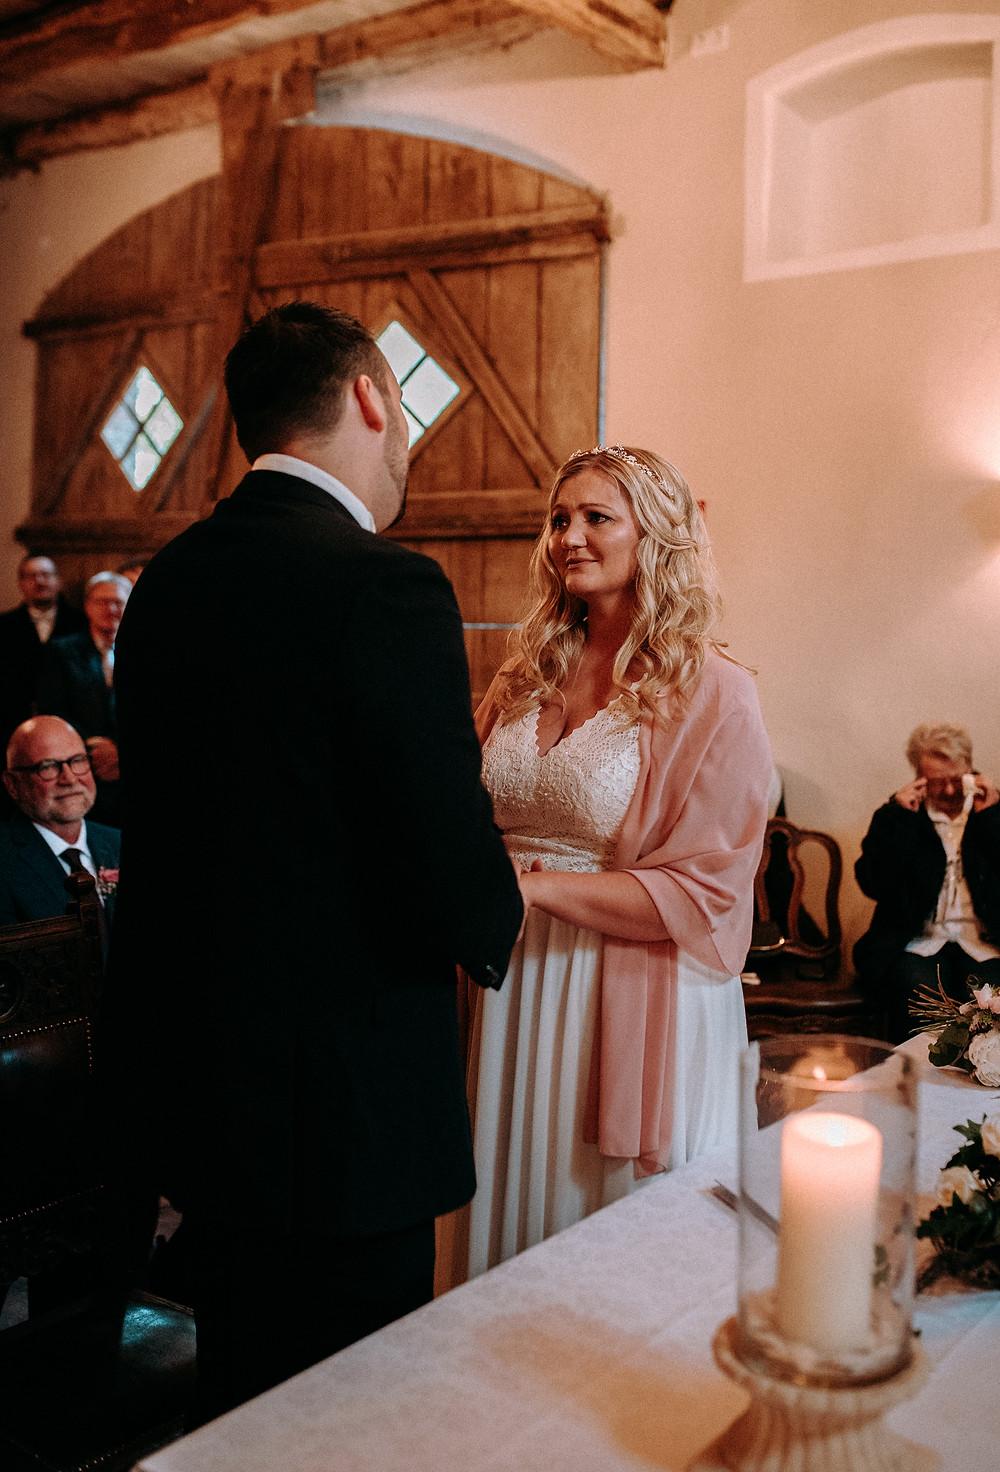 Hochzeitversprechen / Weddingvows